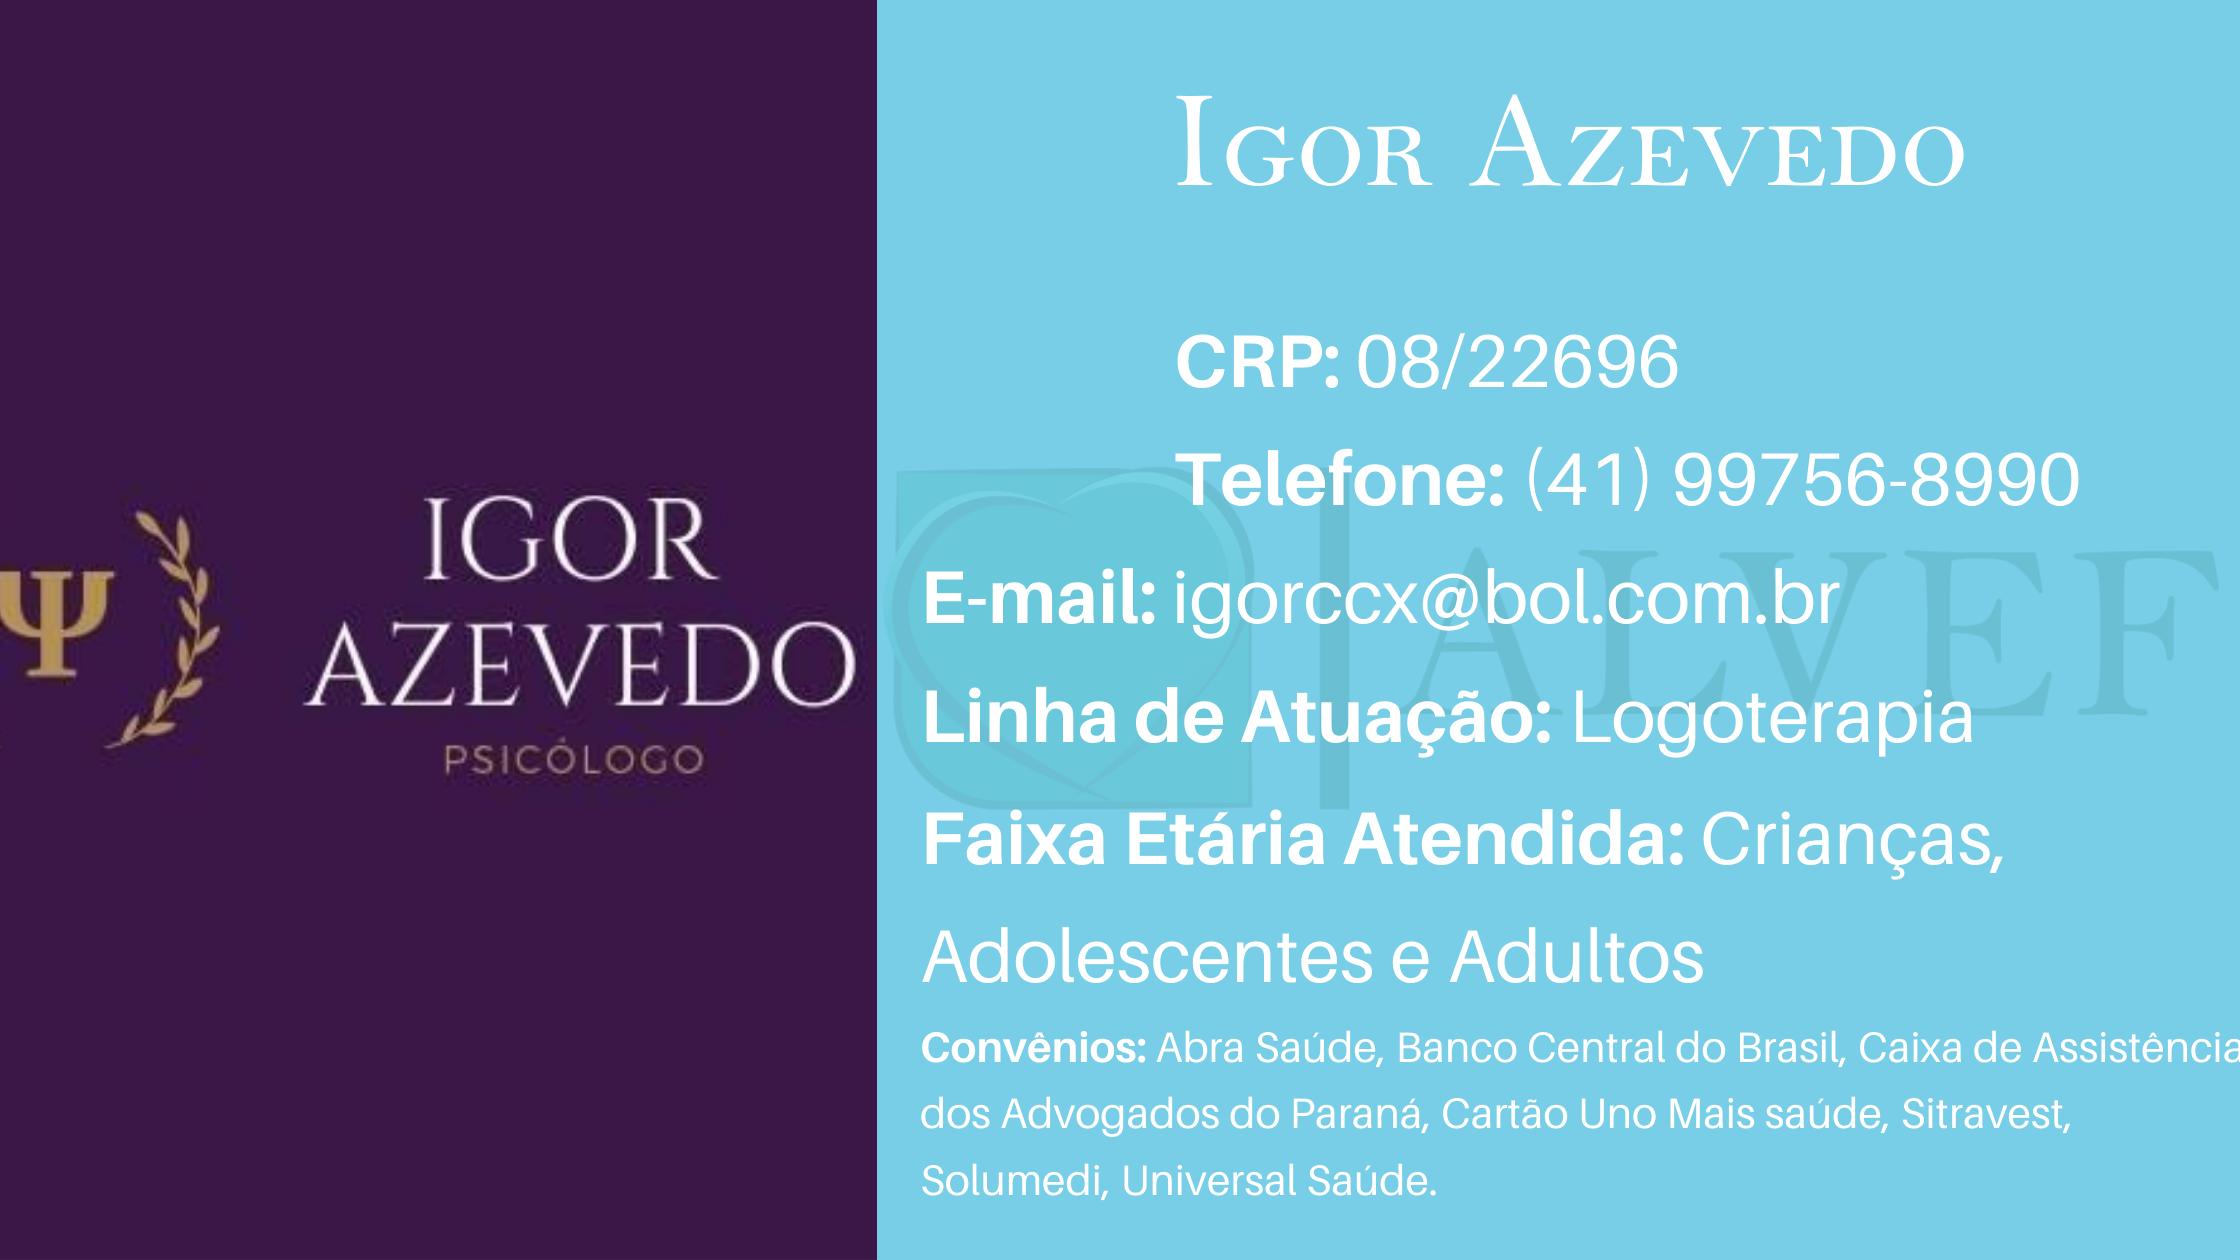 Igor Azevedo